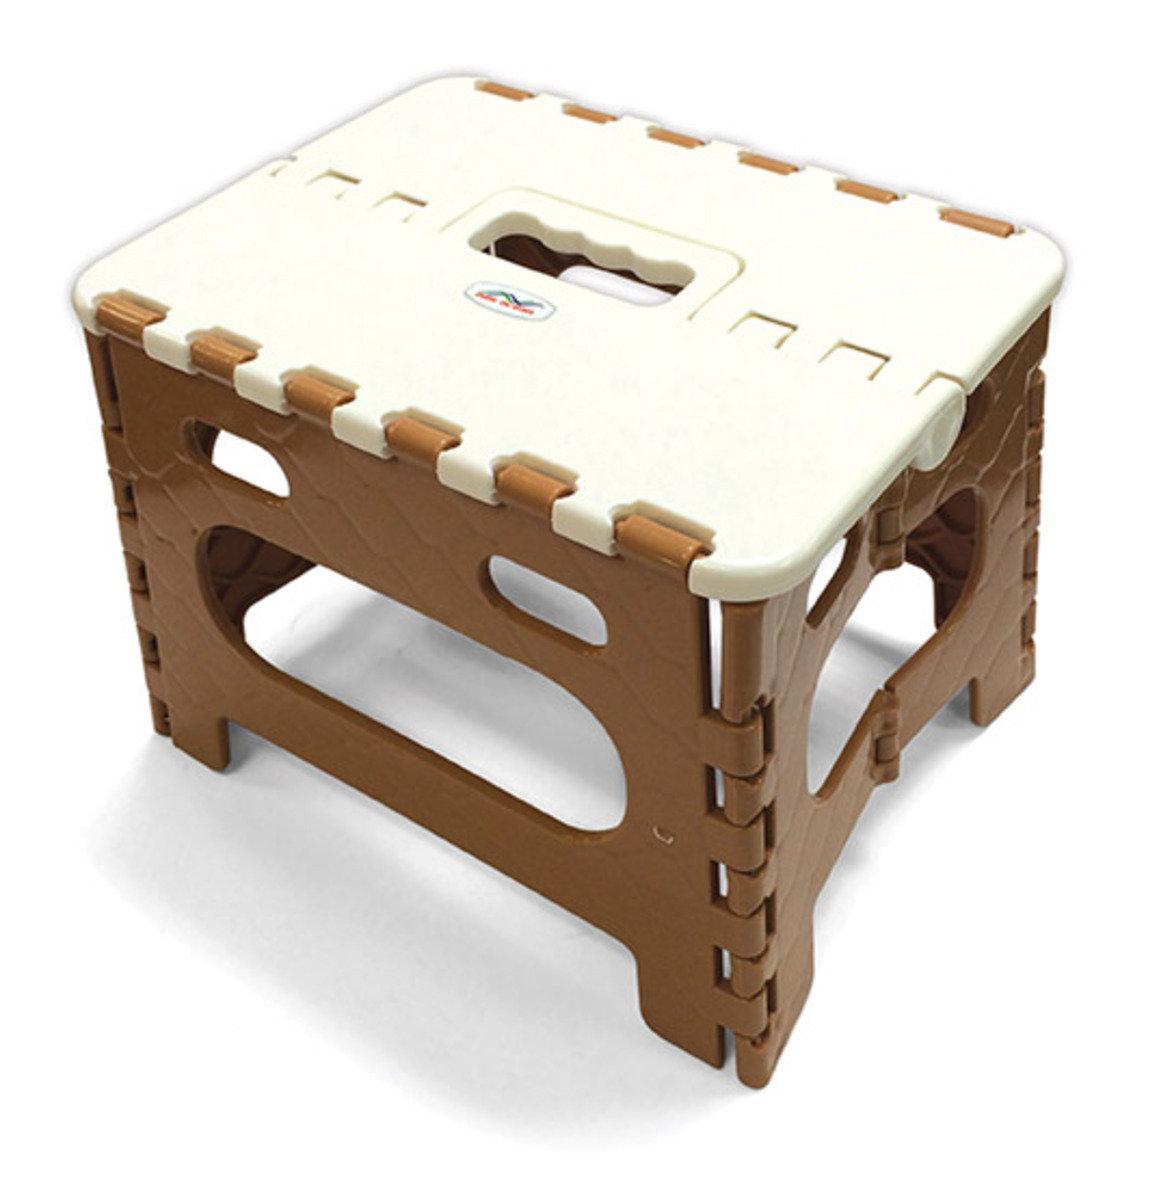 20cm高方形折疊凳